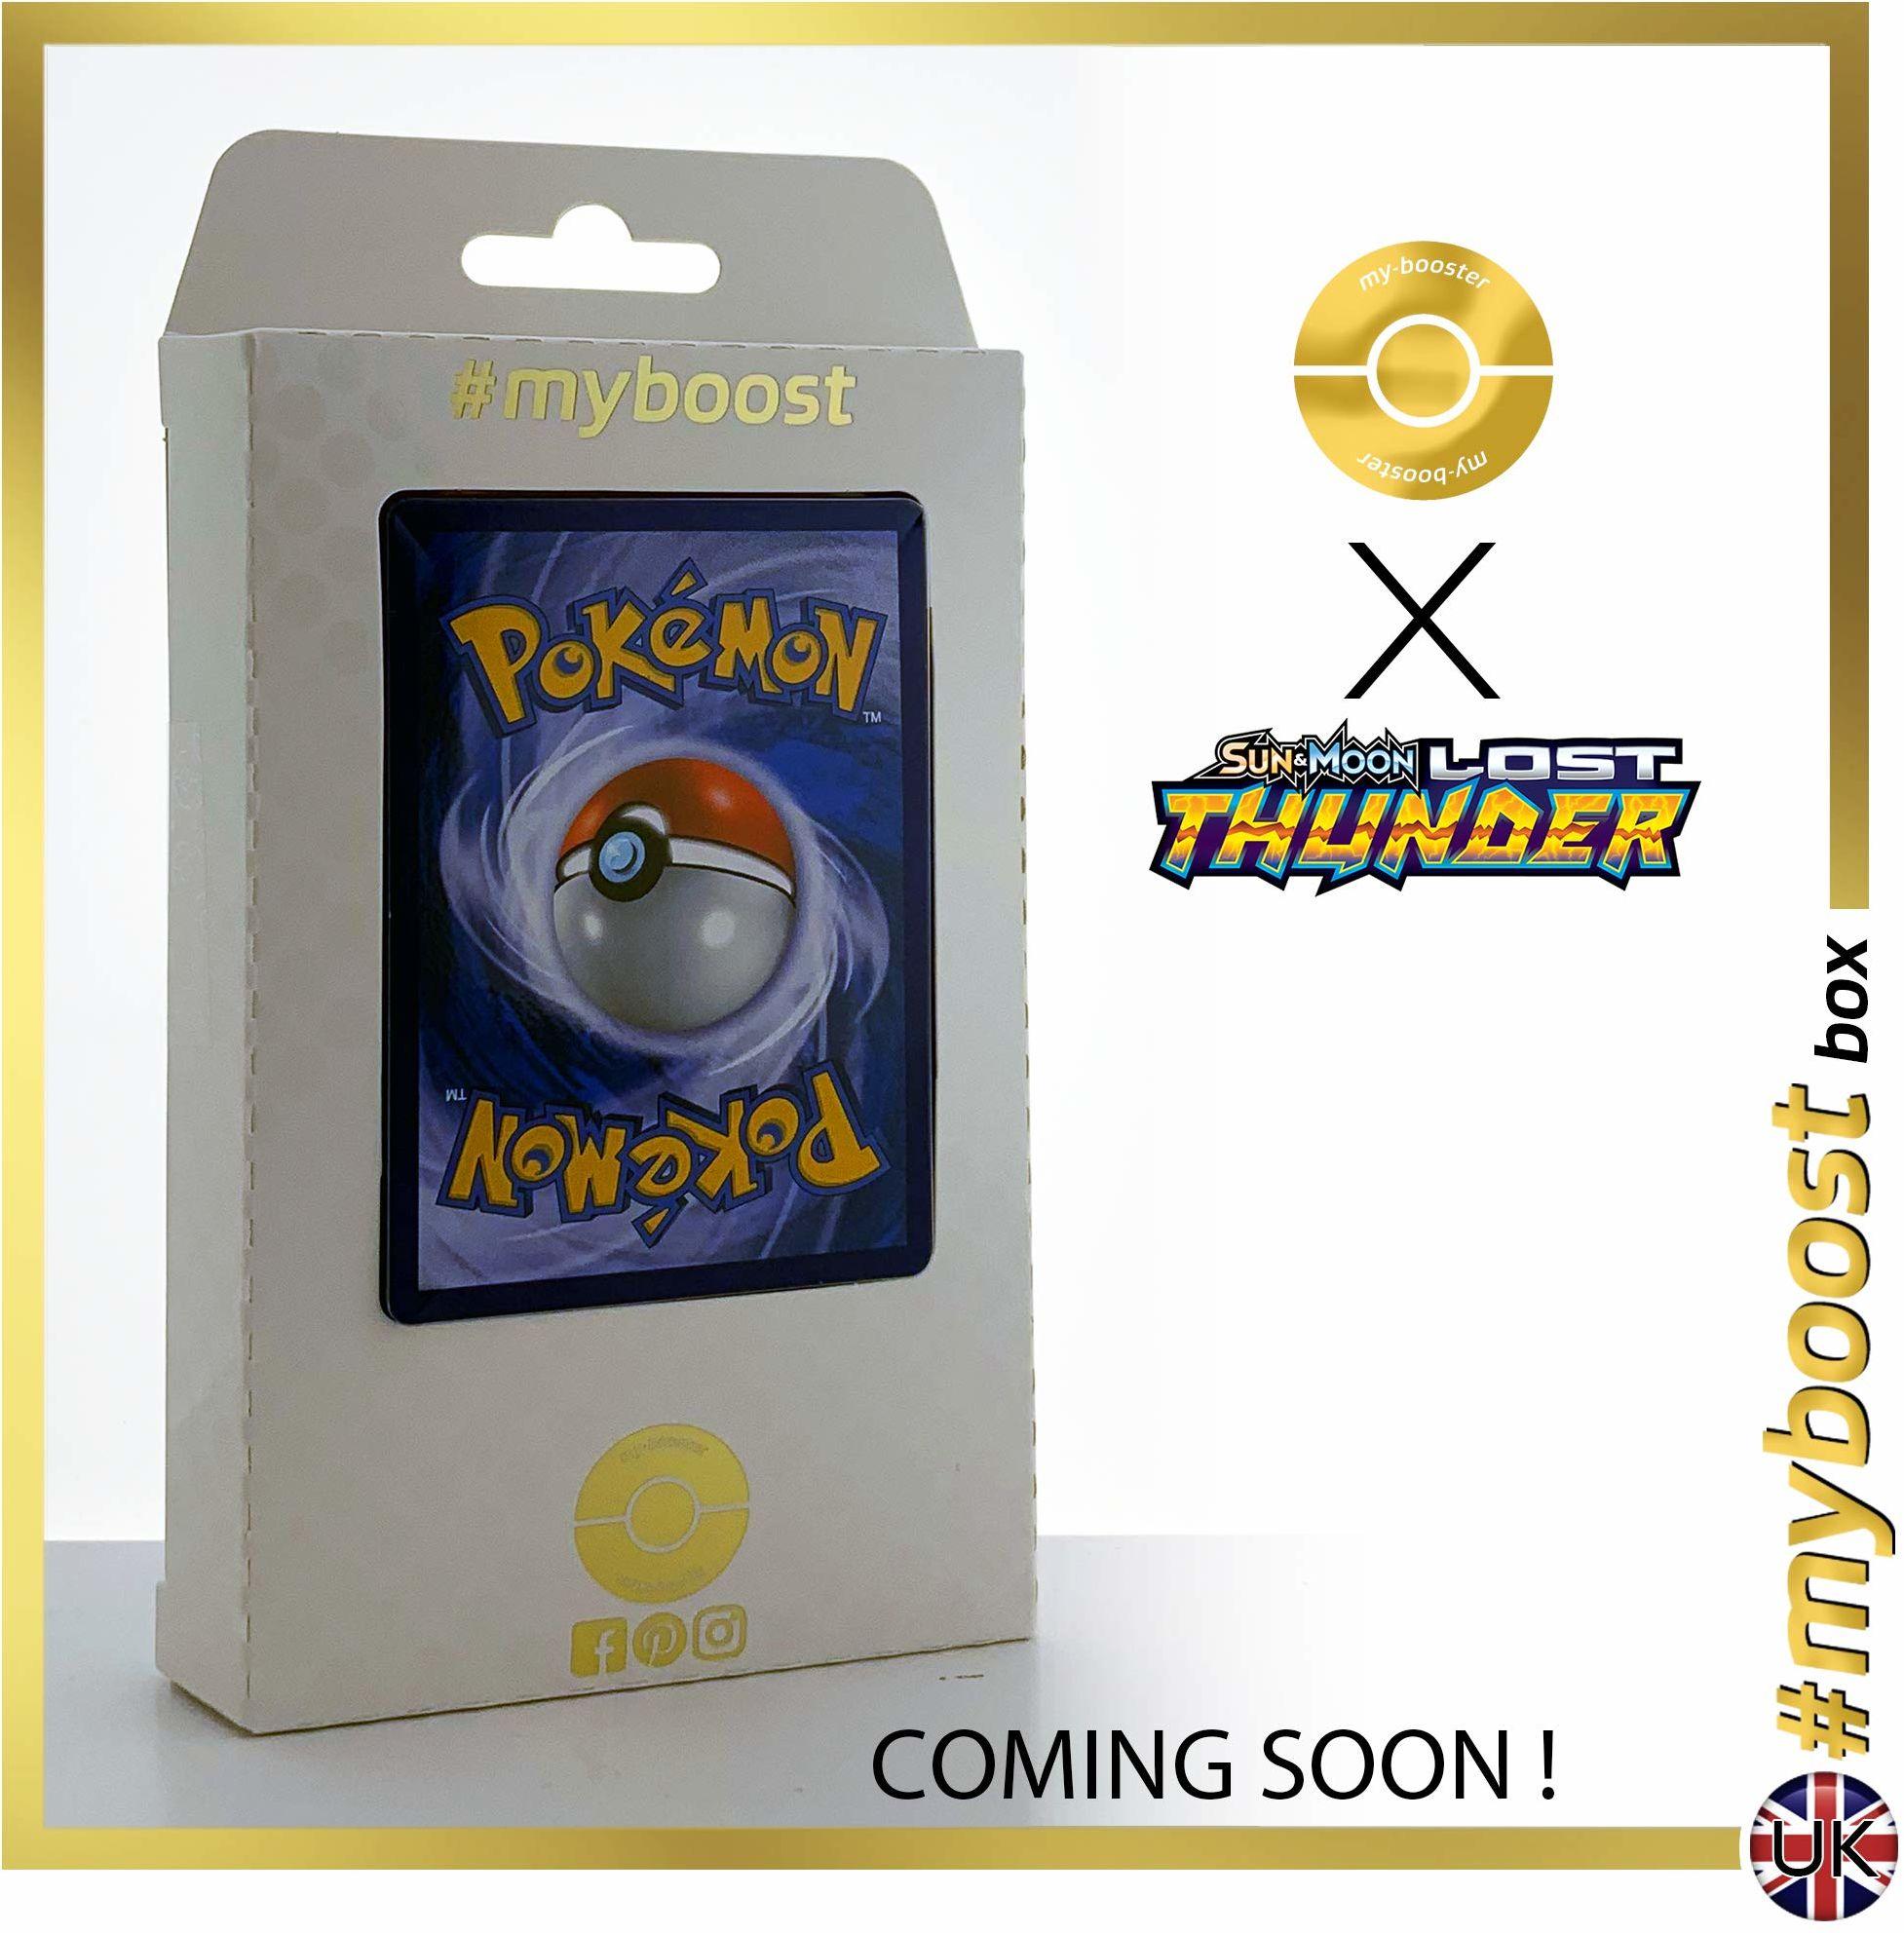 Toxapex (Aggrostella) 69/214 & Toucannon (Tukanon) 166/214 - #tooboost X Sun & Moon 8 Lost Thunder - pudełko z 10 angielskimi kartami Pokémon + 1 Goodie Pokémon